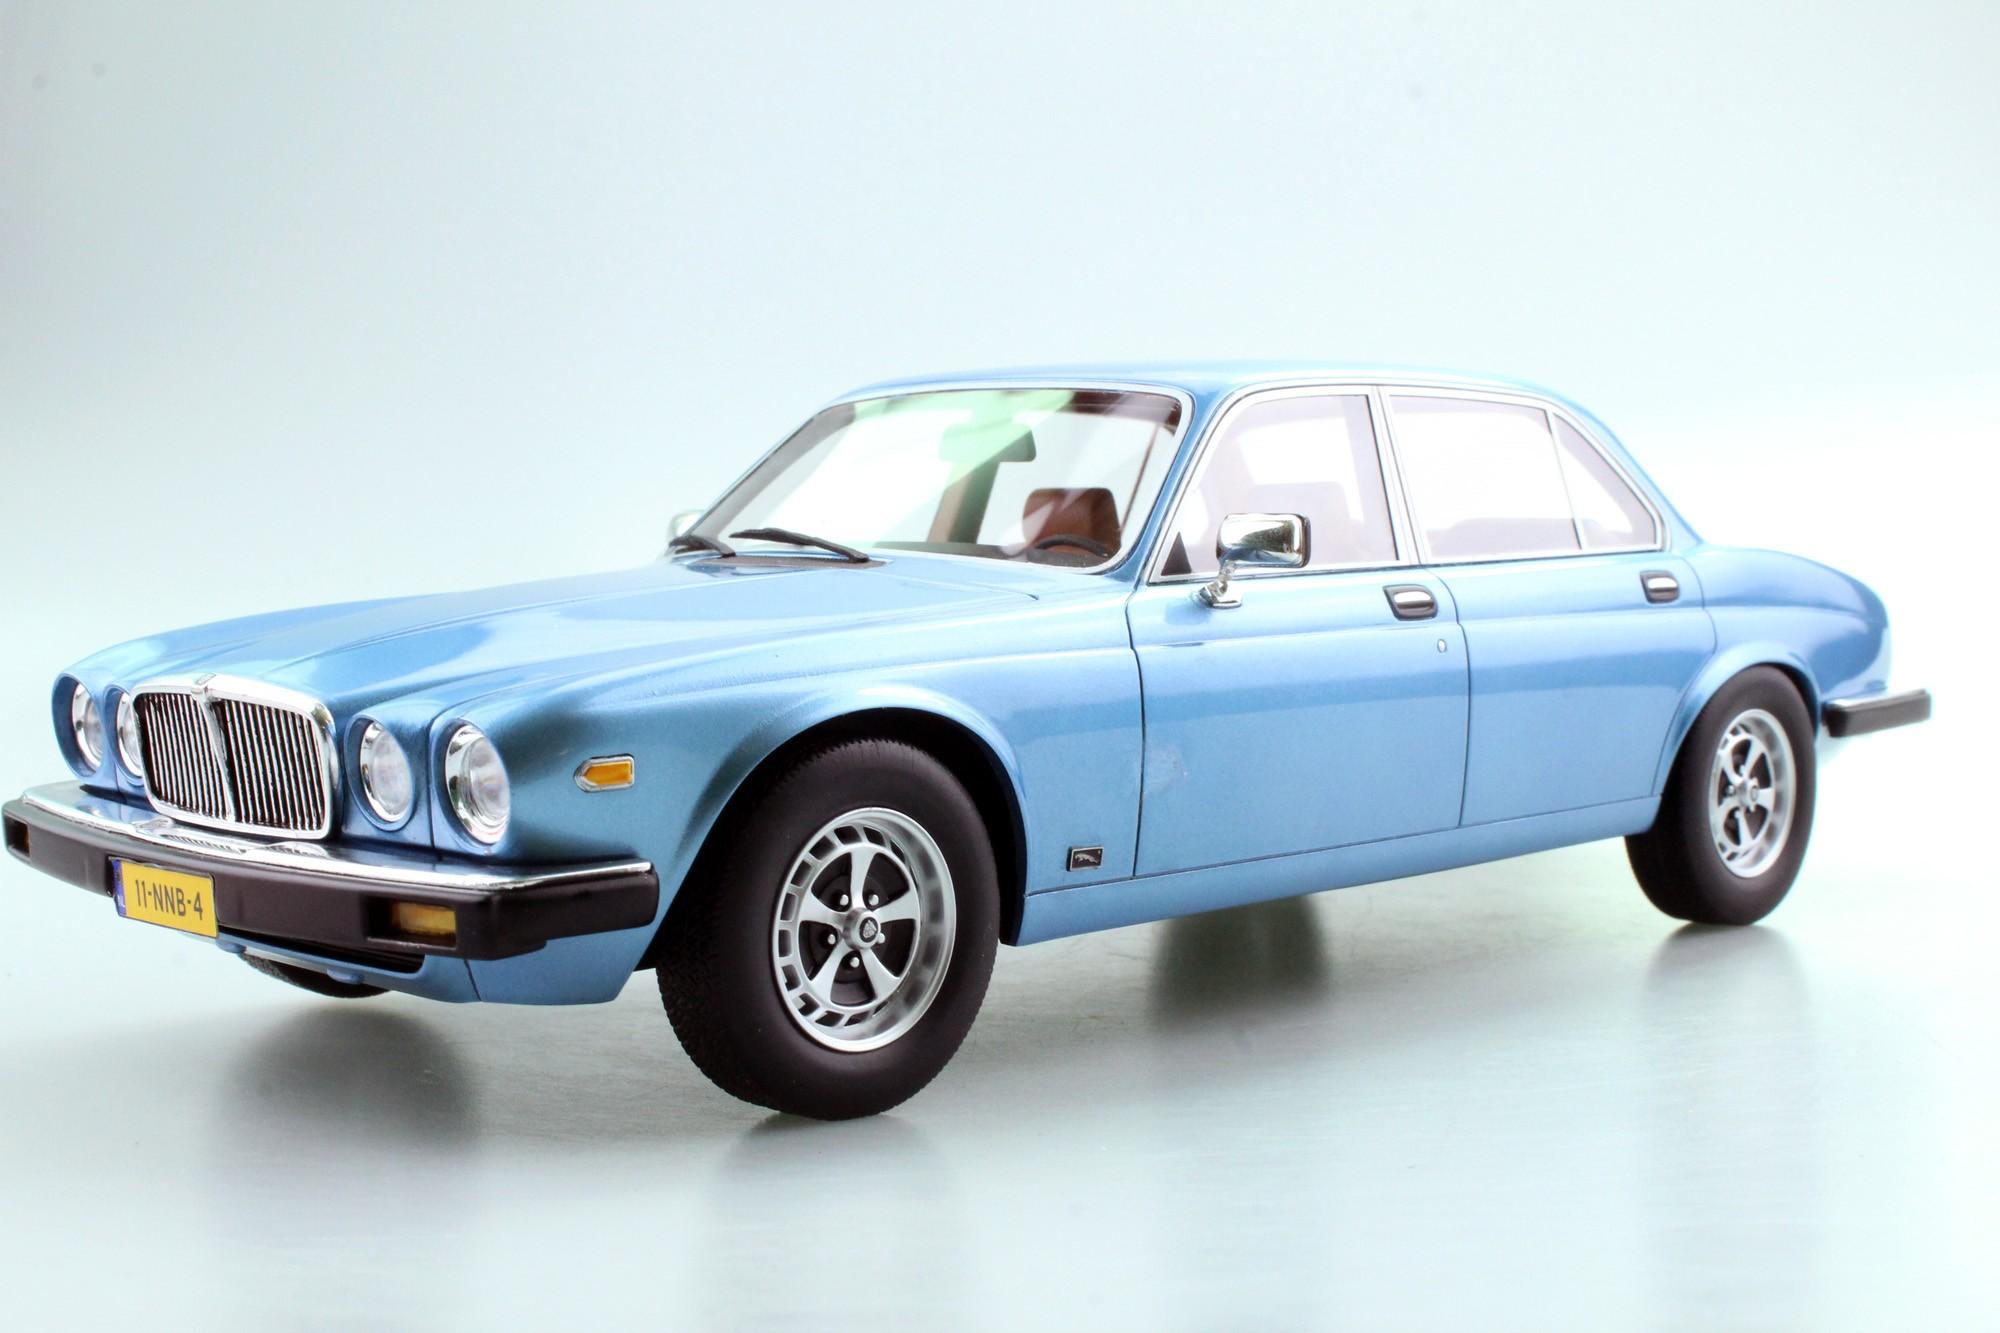 1982 Jaguar XJ6 LS025L 1:18 LS Collectibles - blau met